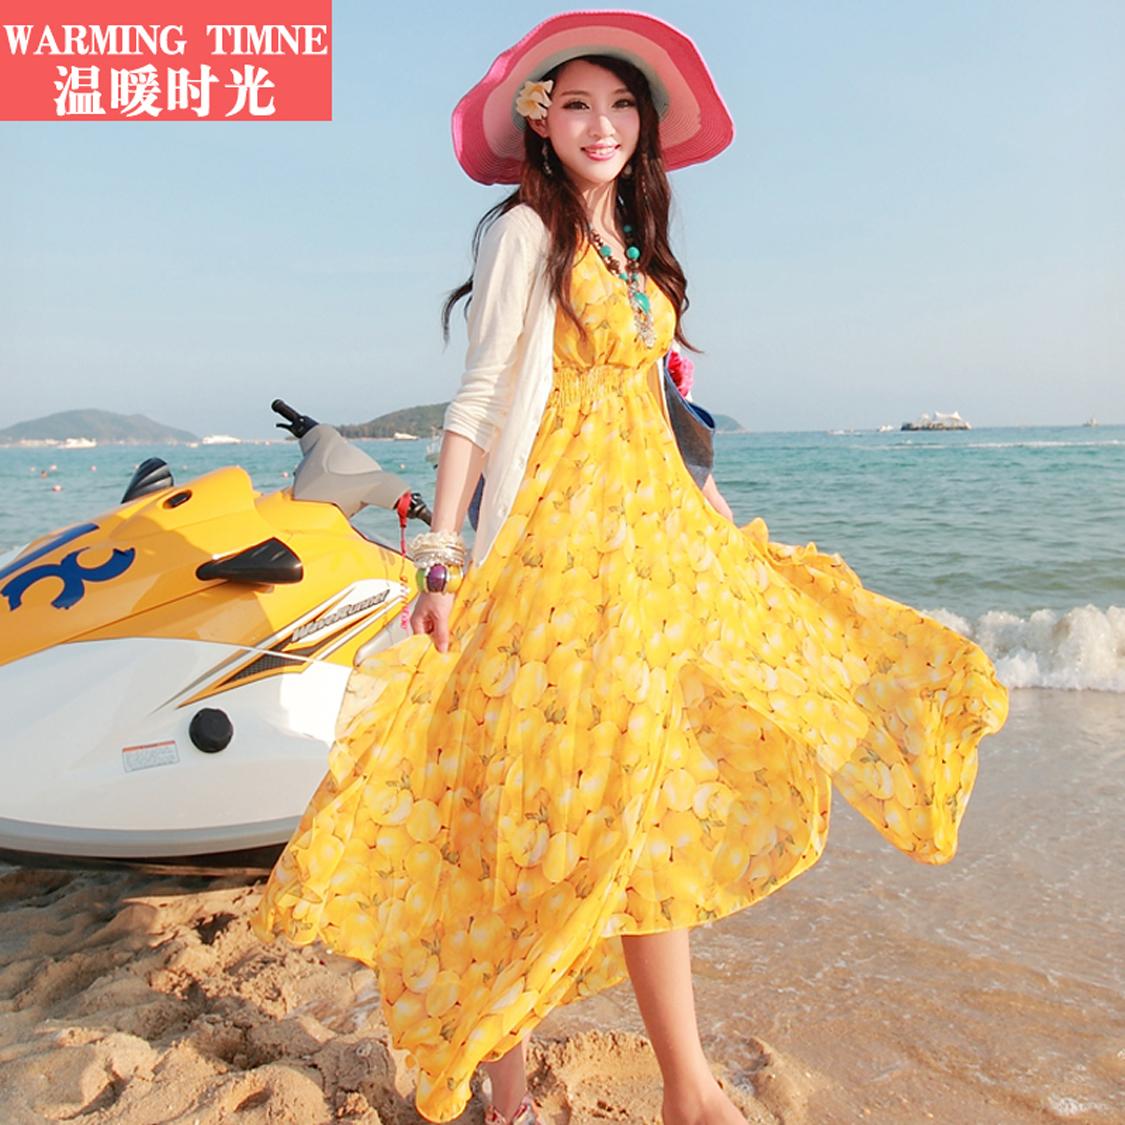 沙滩裙2020新款波西米亚长裙夏女海滩雪纺海边度假泰国旅游连衣裙